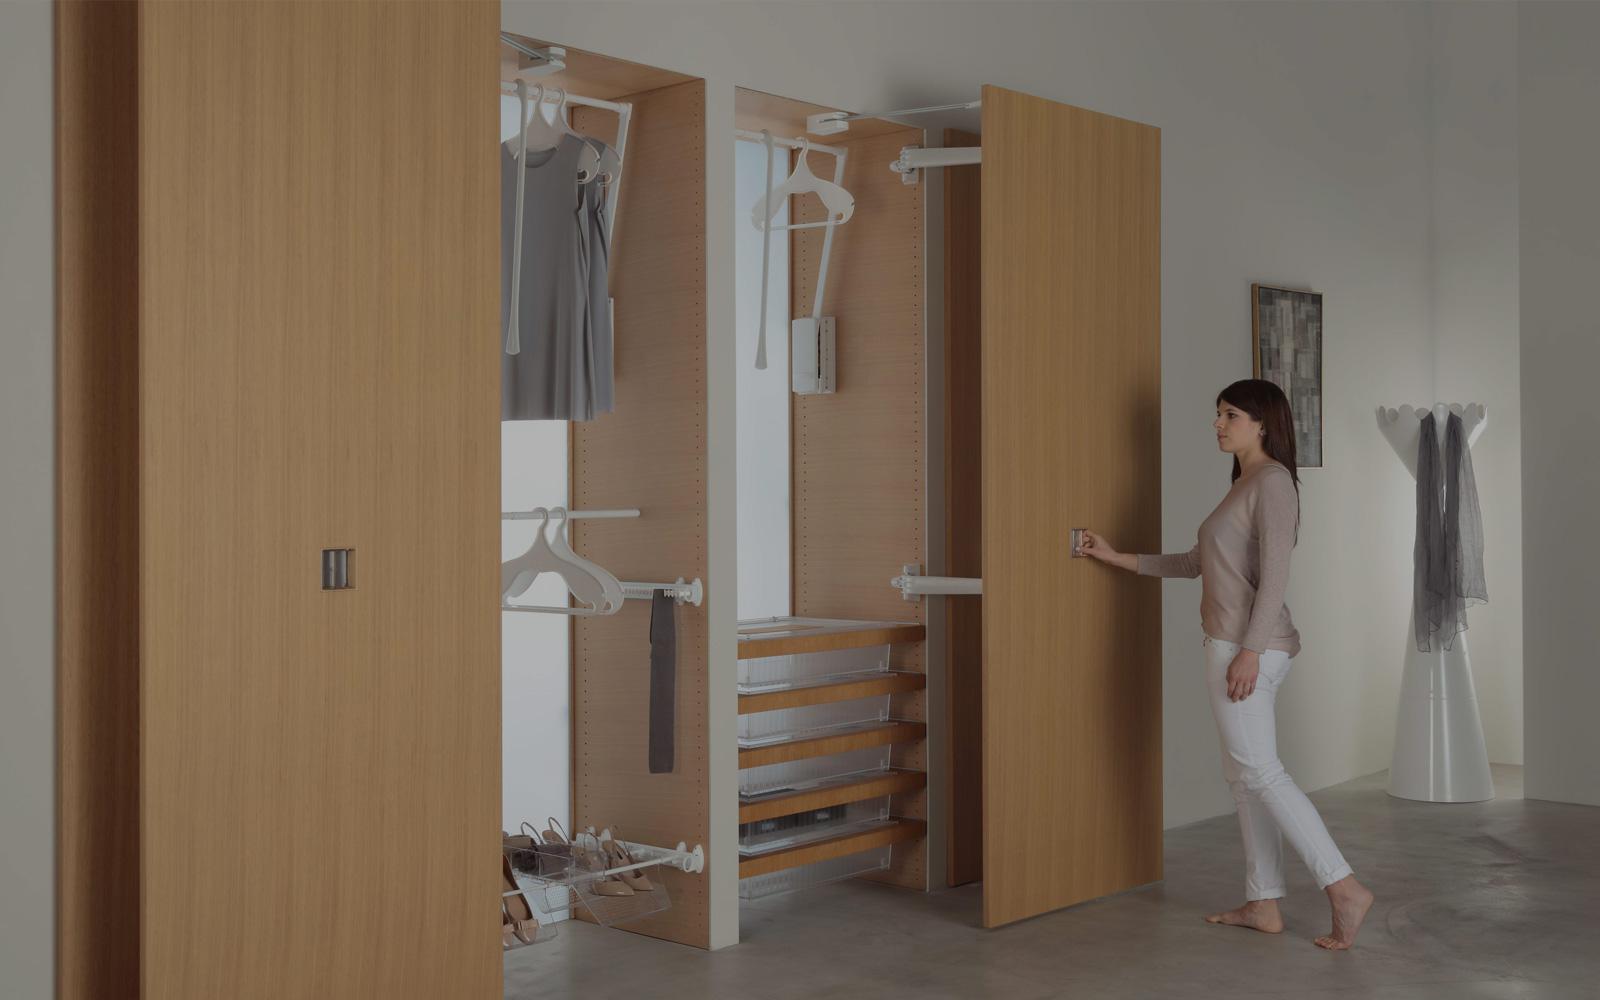 Portaborse Per Armadio Ikea.Home Servetto L Ascensore Nell Armadio